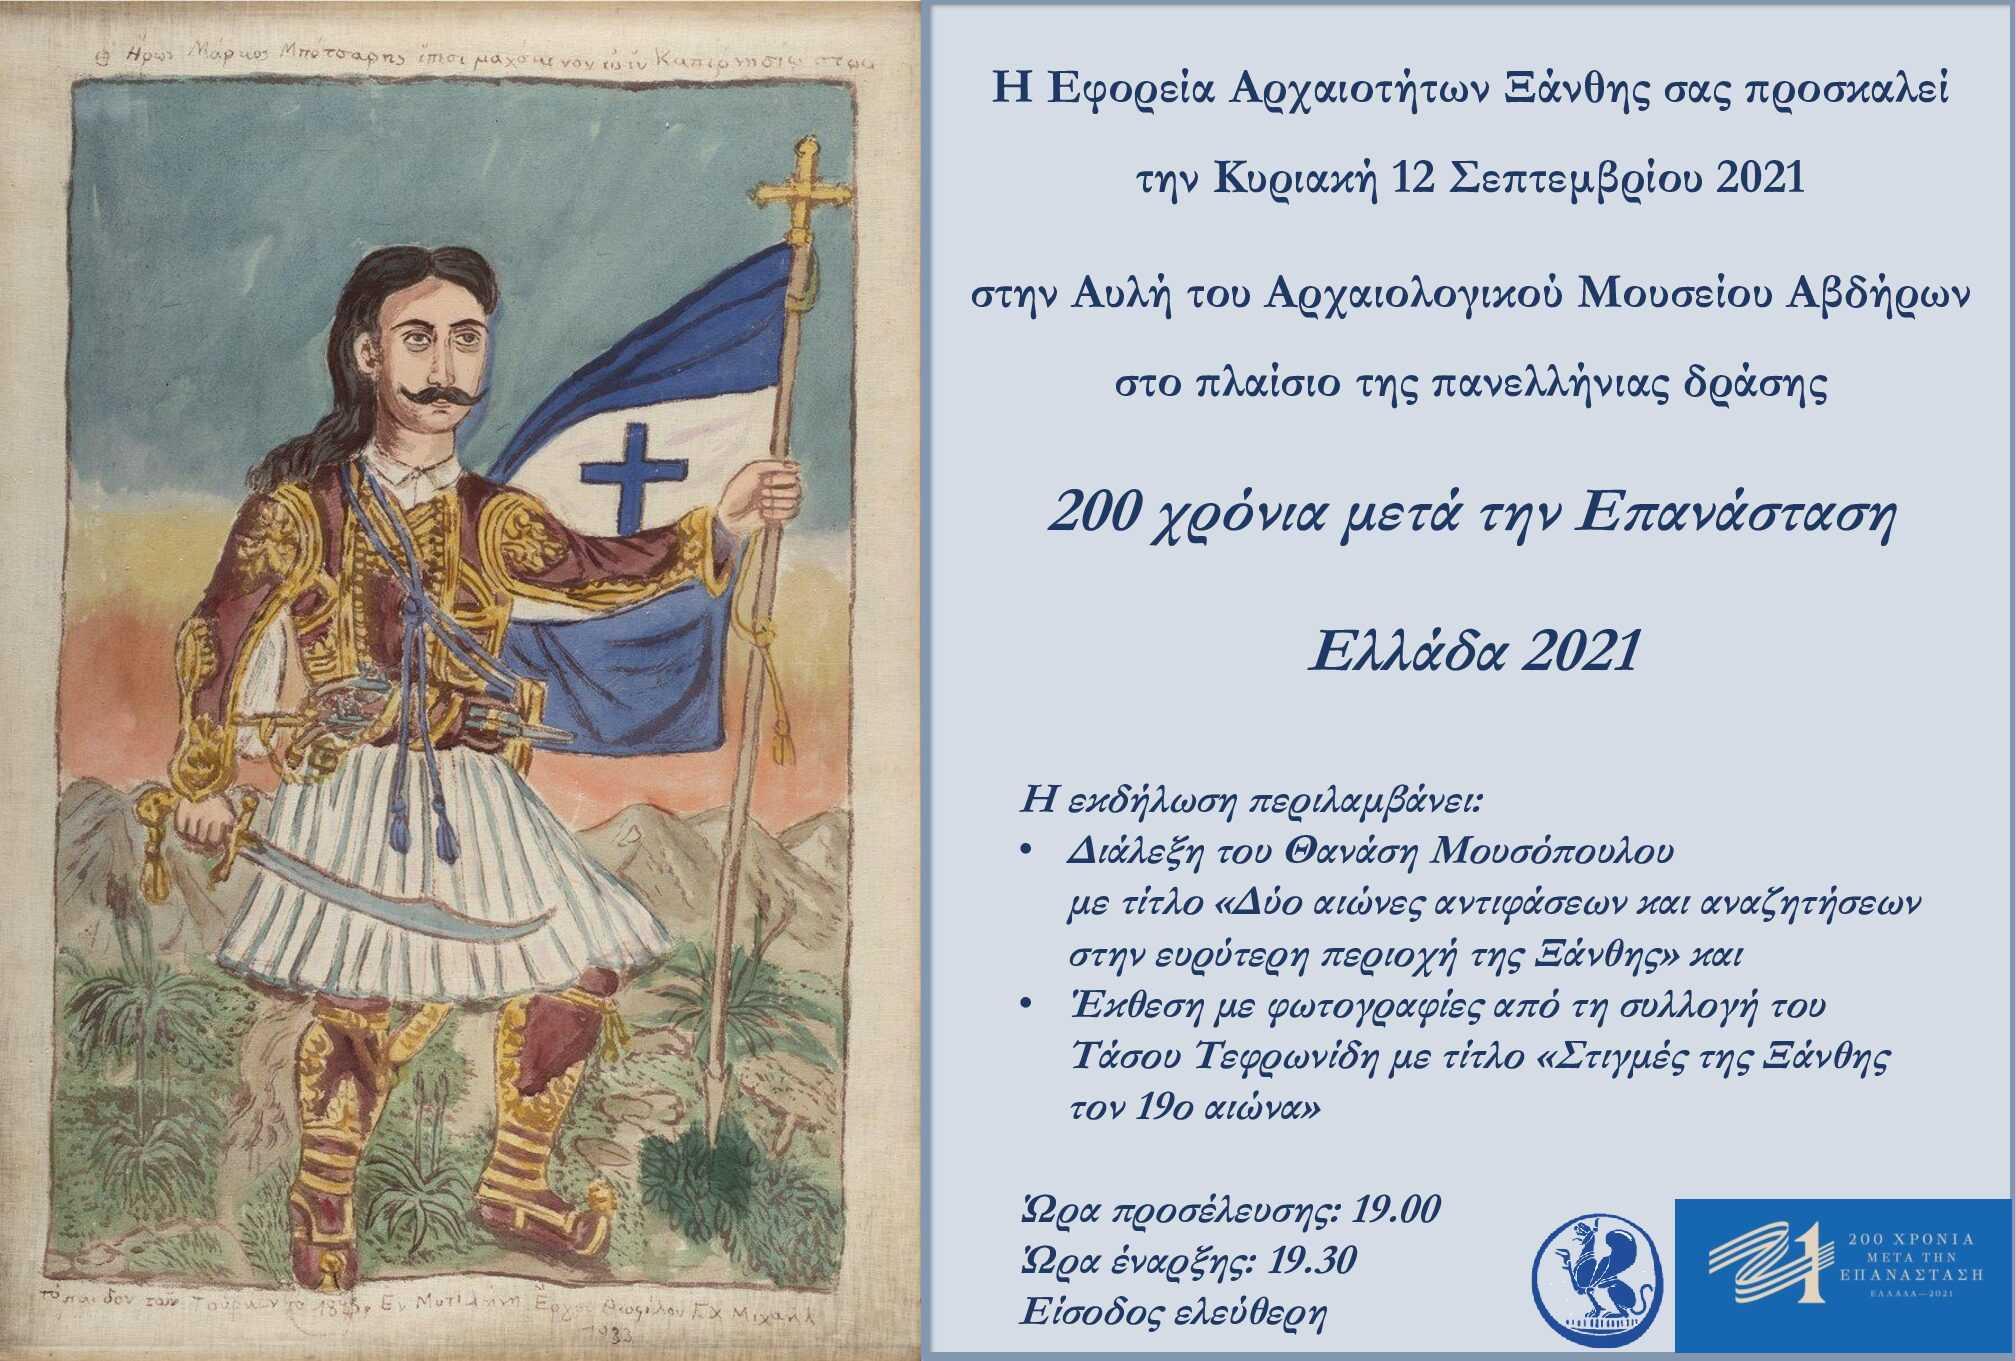 Εκδήλωση στο Αρχαιολογικό Μουσείο Αβδήρων για την επέτειο των 200 χρόνων από την επανάσταση του 1821